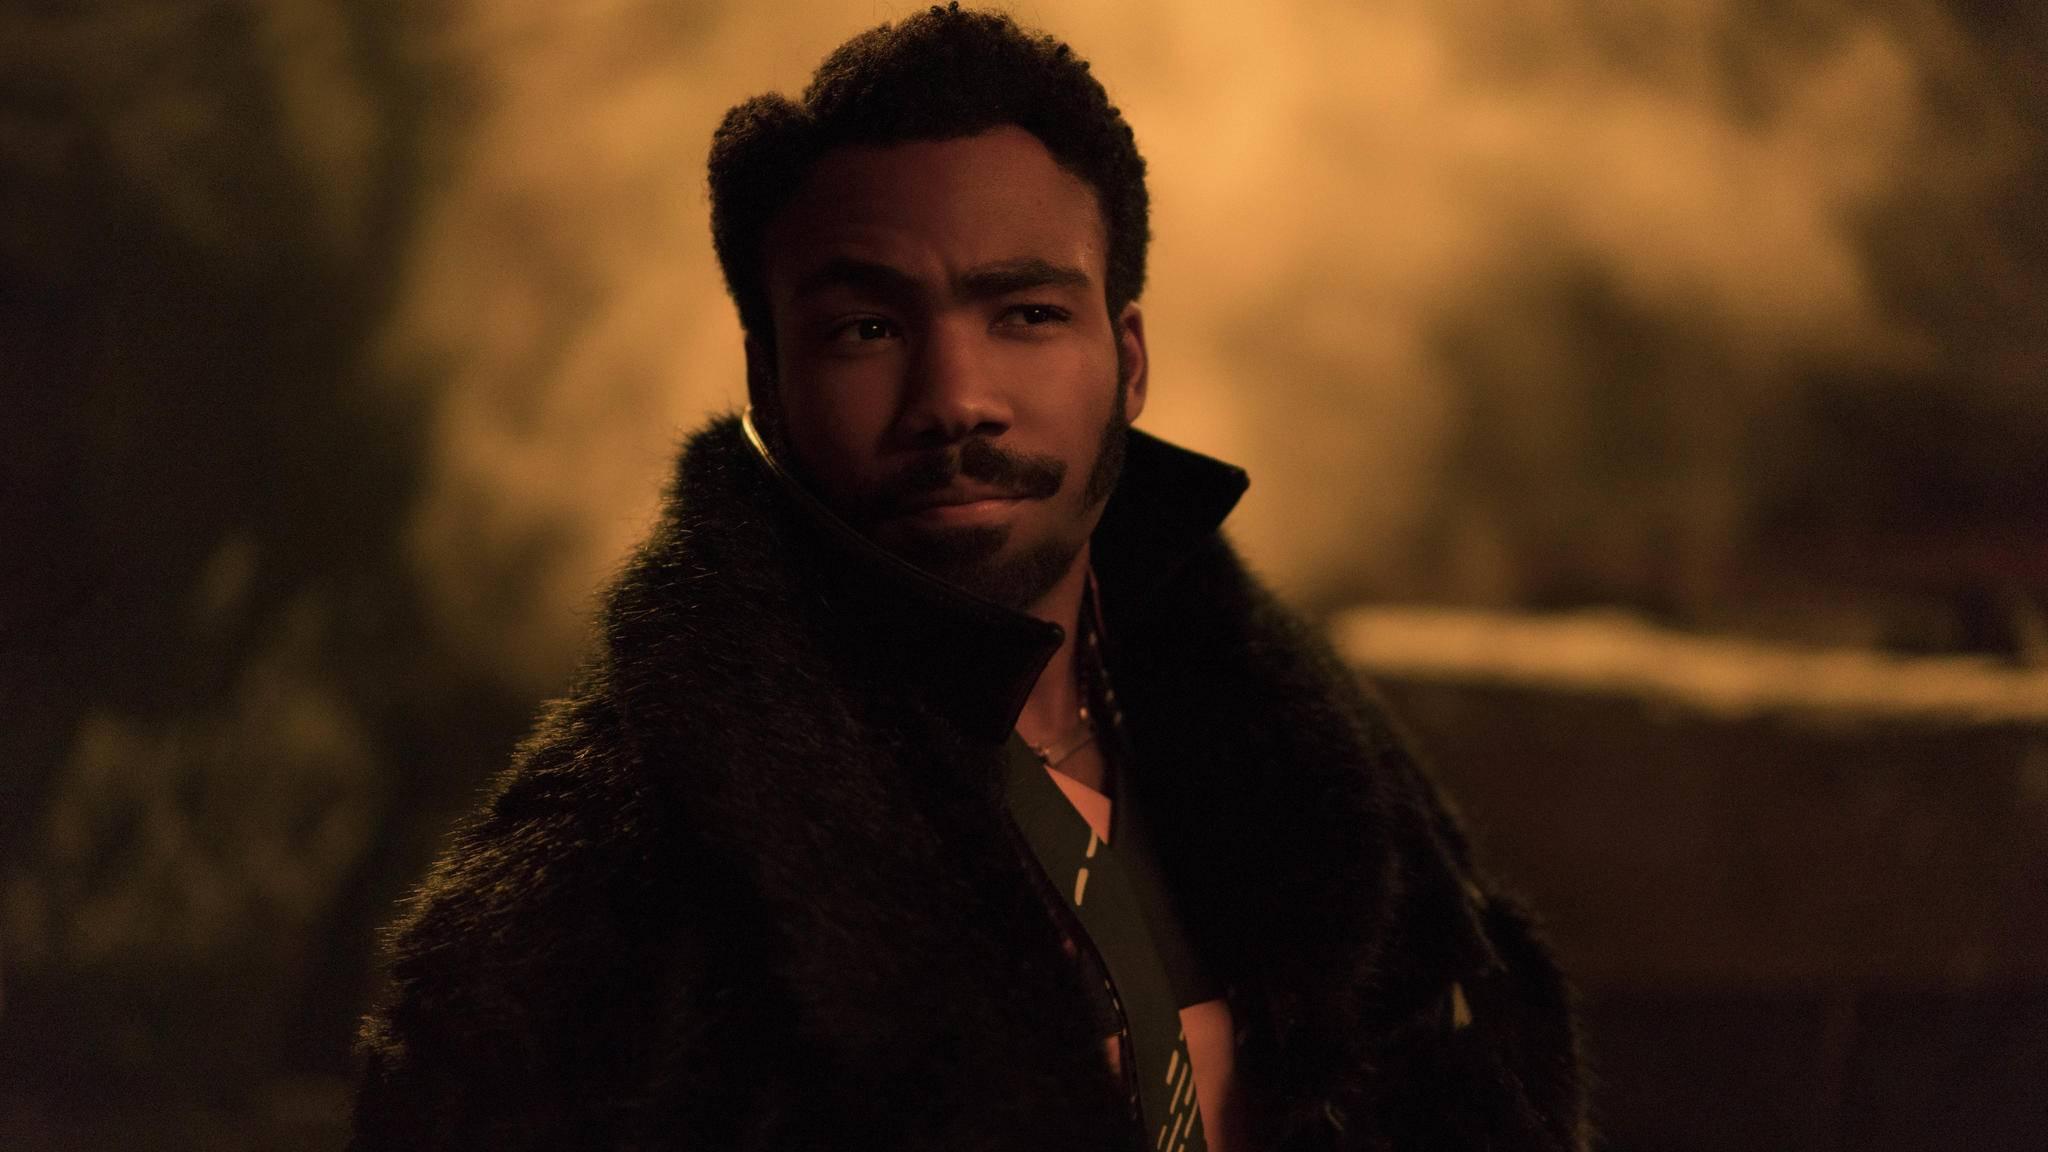 Werden wir Donald Glover bald in seinem ersten Solo-Film als Lando Calrissian zu sehen bekommen?